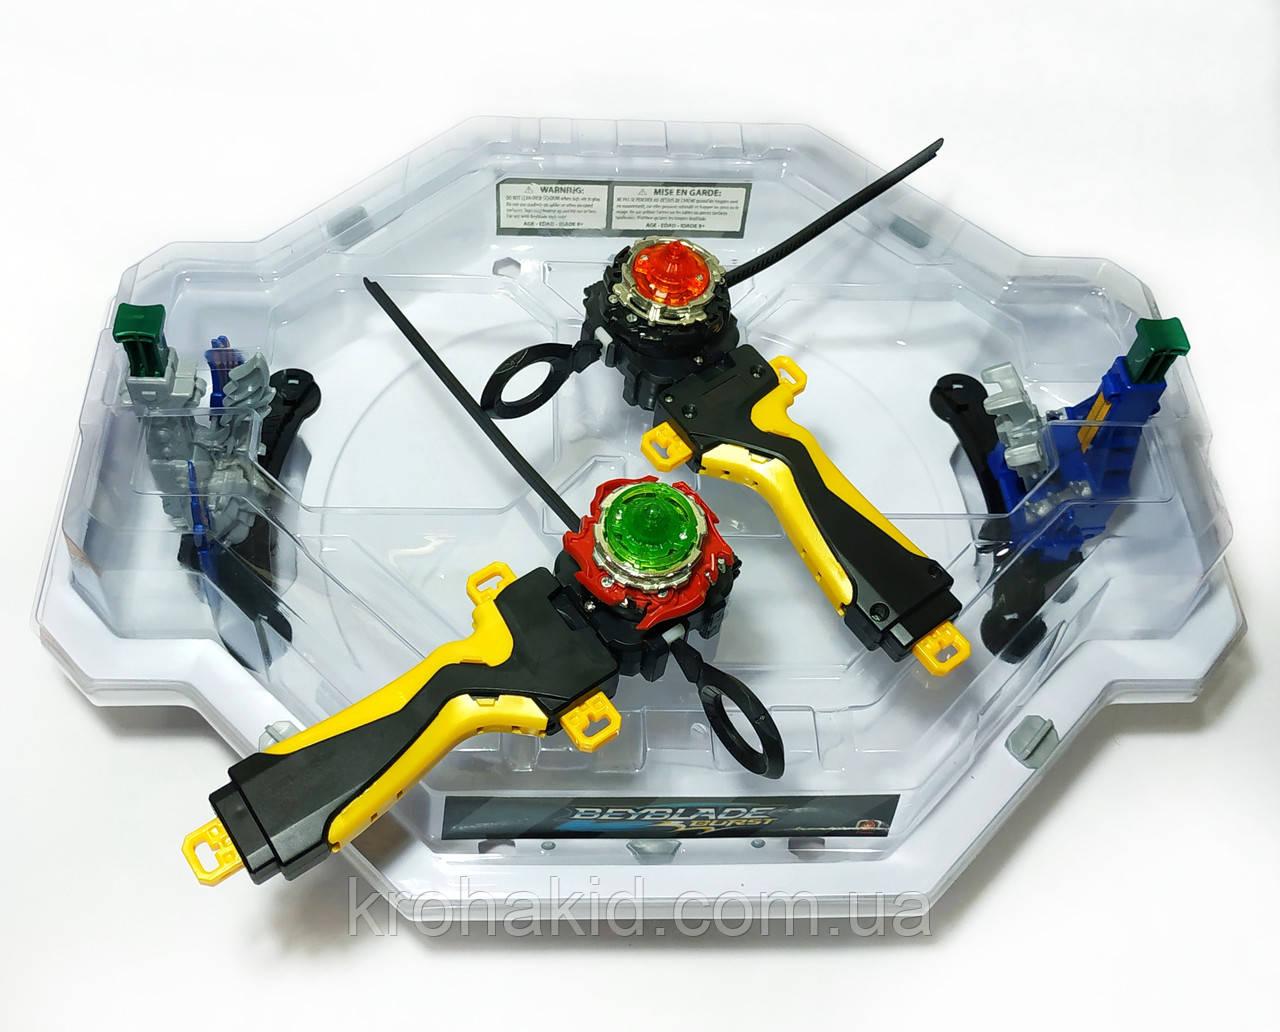 Игровой набор из 2-х волчков BeyBlade с ареной и крышкой c механическими ловушками-роботами TD999